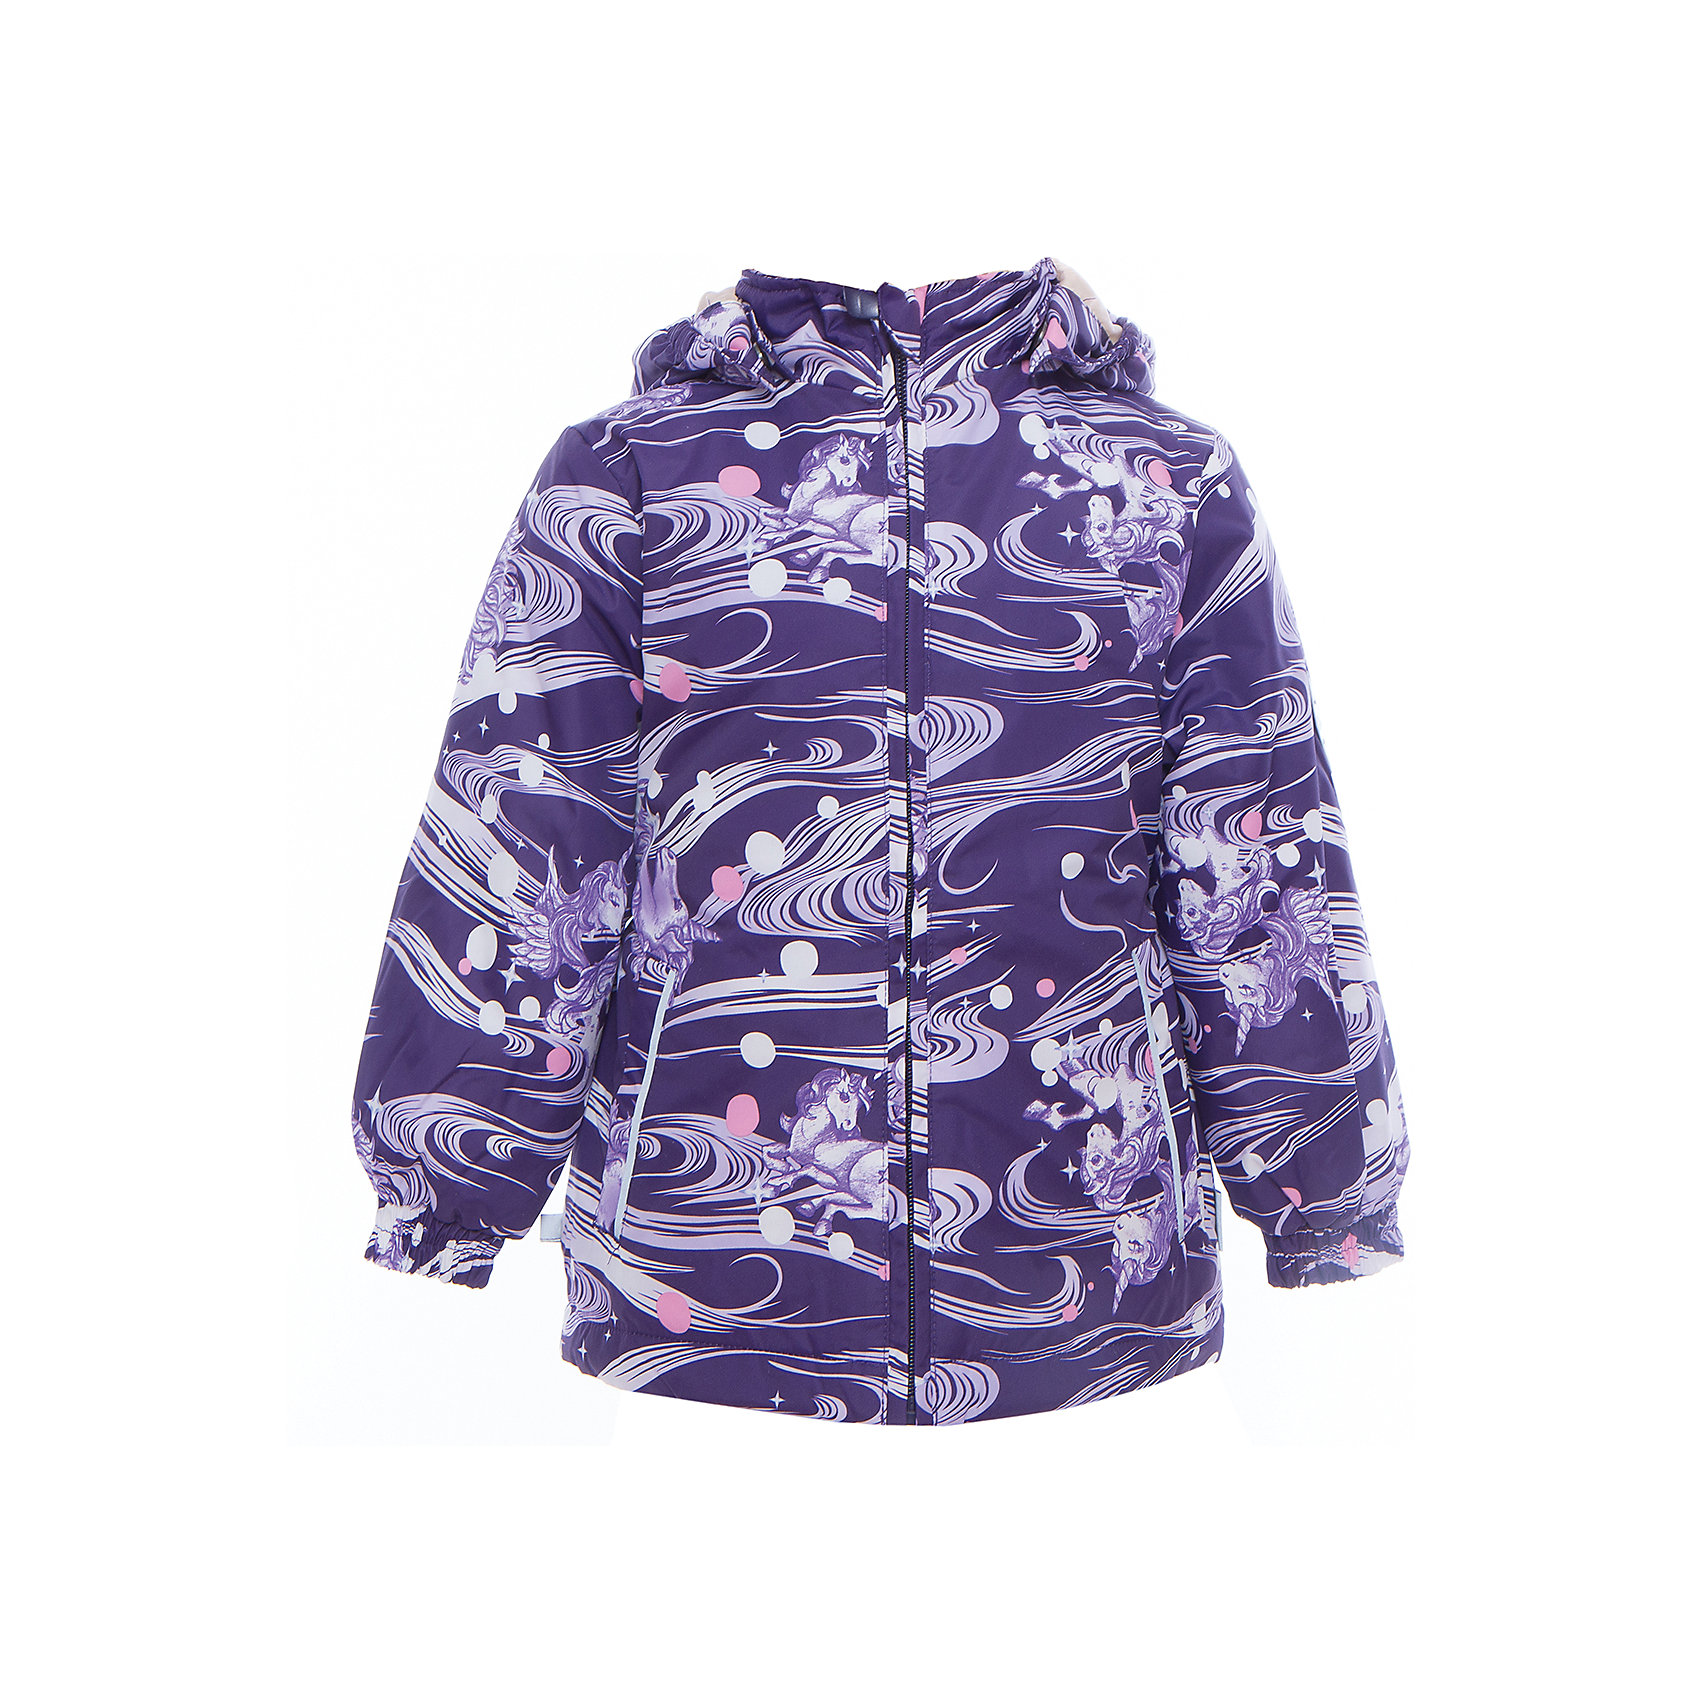 Куртка для девочки JOLY HuppaХарактеристики товара:<br><br>• цвет: тёмно-фиолетовый принт<br>• ткань: 100% полиэстер<br>• подкладка: тафта - 100% полиэстер<br>• утеплитель: 100% полиэстер 100 г<br>• температурный режим: от -5°С до +10°С<br>• водонепроницаемость: 5000 мм<br>• воздухопроницаемость: 5000 мм<br>• светоотражающие детали<br>• эластичные манжеты<br>• молния<br>• съёмный капюшон с резинкой<br>• карманы<br>• комфортная посадка<br>• коллекция: весна-лето 2017<br>• страна бренда: Эстония<br><br>Такая легкая и стильная куртка обеспечит детям тепло и комфорт. Она сделана из материала, отталкивающего воду, и дополнено подкладкой с утеплителем, поэтому изделие идеально подходит для межсезонья. Материал изделия - с мембранной технологией: защищая от влаги и ветра, он легко выводит лишнюю влагу наружу. Для удобства сделан капюшон. Куртка очень симпатично смотрится, яркая расцветка и крой добавляют ему оригинальности. Модель была разработана специально для детей.<br><br>Одежда и обувь от популярного эстонского бренда Huppa - отличный вариант одеть ребенка можно и комфортно. Вещи, выпускаемые компанией, качественные, продуманные и очень удобные. Для производства изделий используются только безопасные для детей материалы. Продукция от Huppa порадует и детей, и их родителей!<br><br>Куртку для девочки JOLY от бренда Huppa (Хуппа) можно купить в нашем интернет-магазине.<br><br>Ширина мм: 356<br>Глубина мм: 10<br>Высота мм: 245<br>Вес г: 519<br>Цвет: розовый<br>Возраст от месяцев: 48<br>Возраст до месяцев: 60<br>Пол: Женский<br>Возраст: Детский<br>Размер: 110,128,134,116,122,92,98,104<br>SKU: 5346829